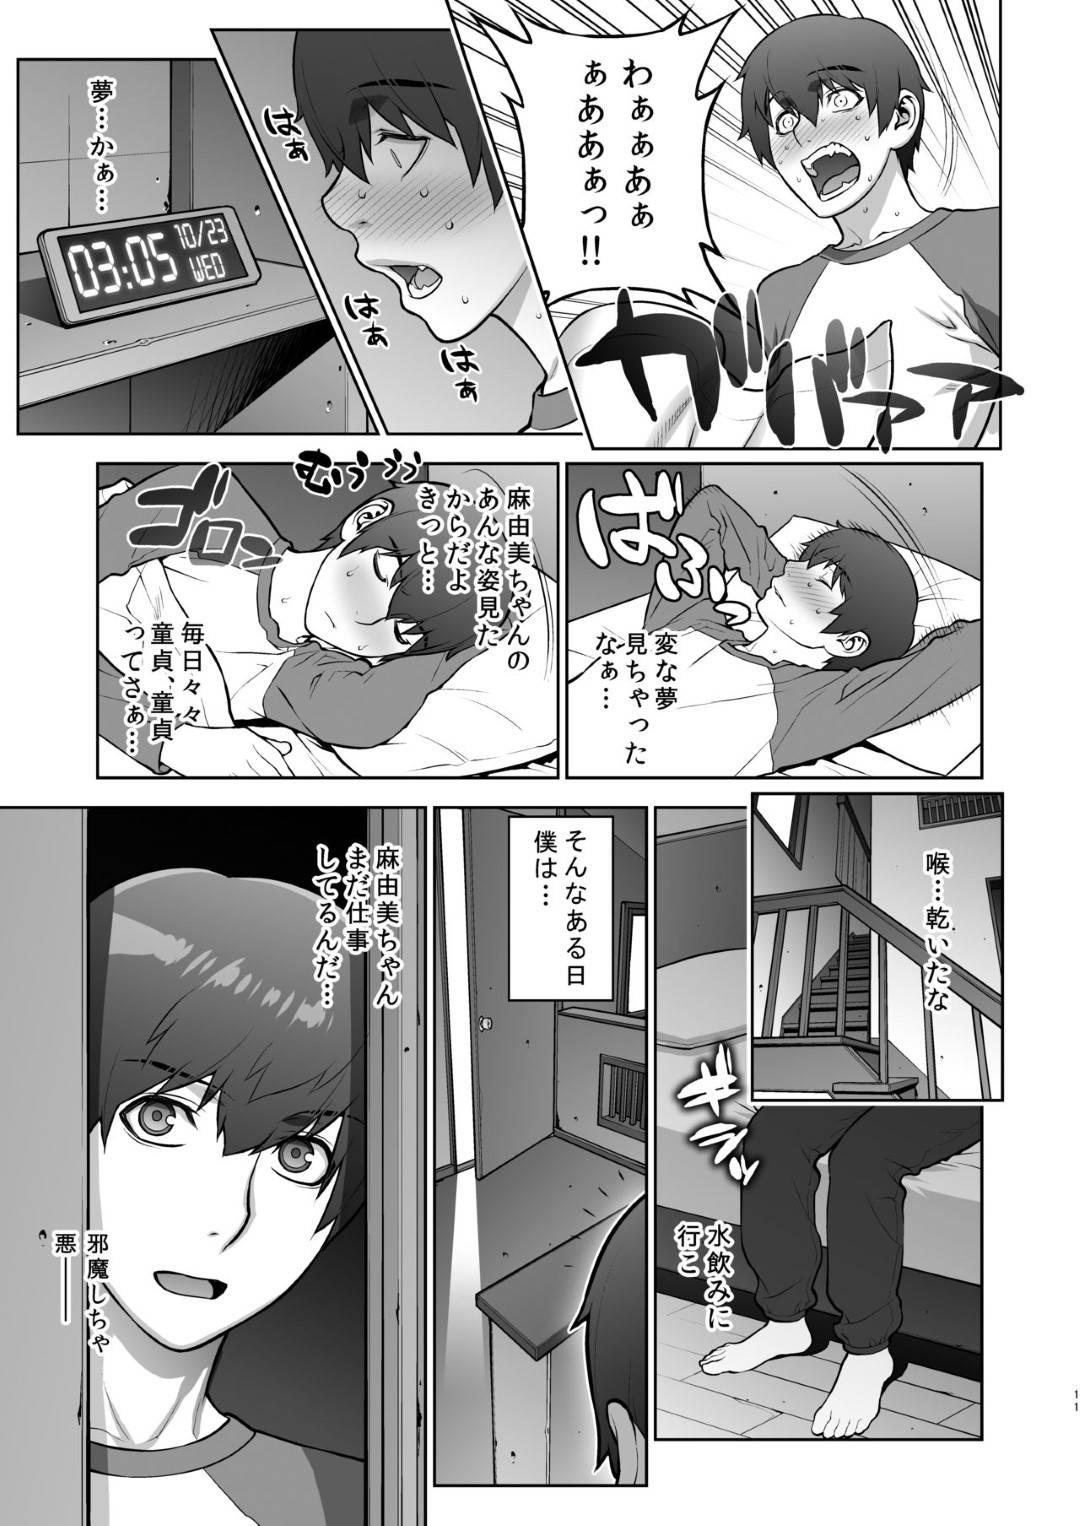 【エロ同人誌】大学生の従弟が上京してきたため一緒に暮らすことになった巨乳叔母…無防備な格好をする彼女に注意しながら仲良く生活する従弟が見てしまったのはアニメのキャラコスをする叔母だった!さらにストーリーに沿ってオナニーを始め絶頂してしまうところまで見届けてしまう!【もっちー】